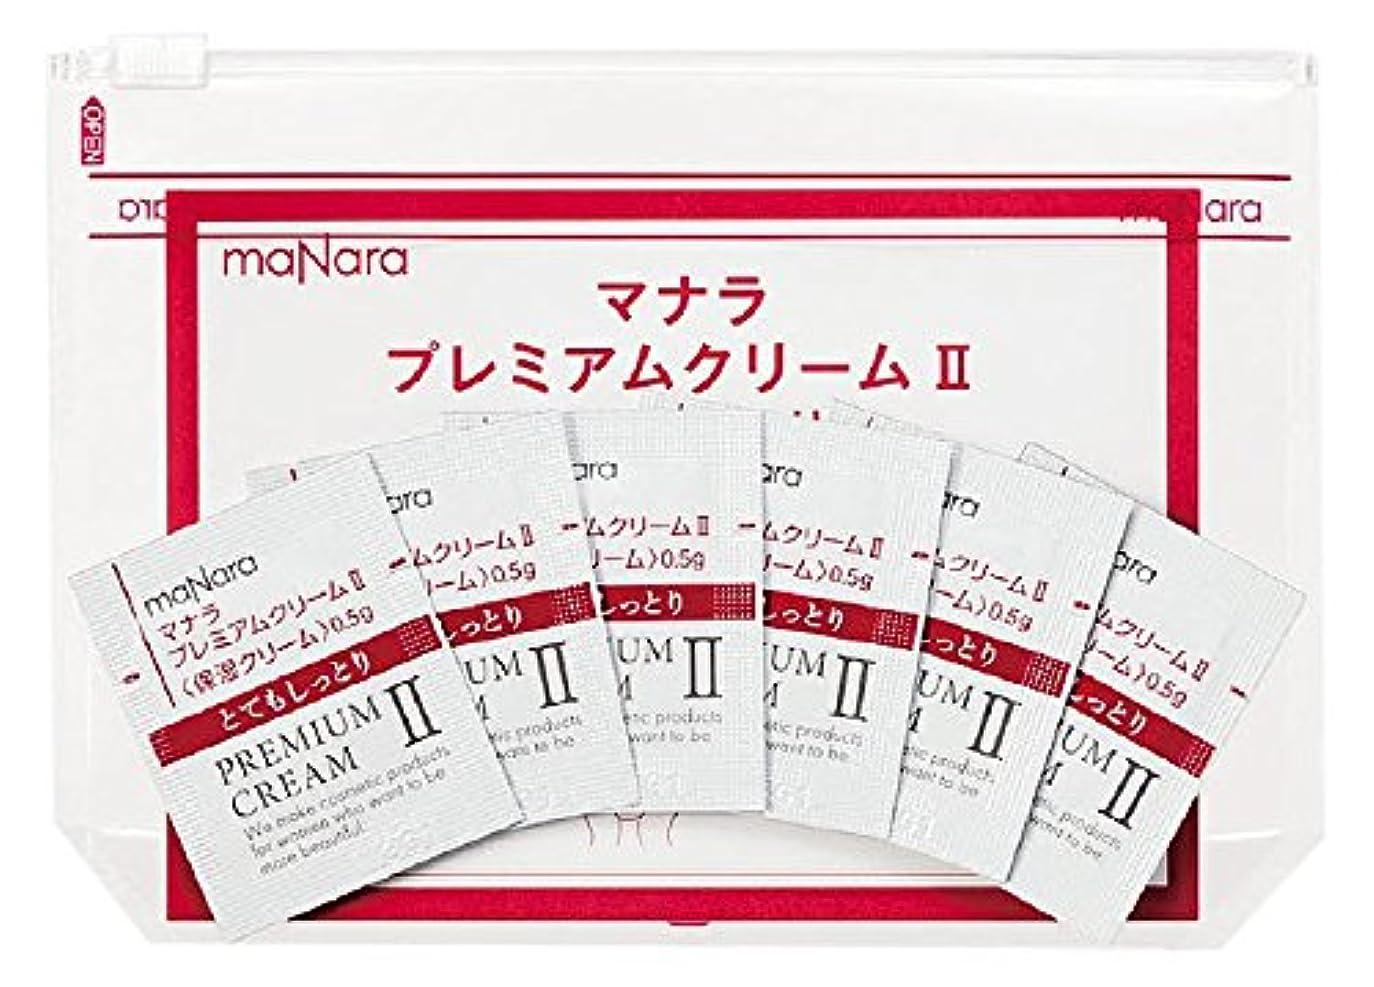 十分な増幅する戸棚マナラ プレミアムクリーム2(しっとりタイプ)使い切り6包